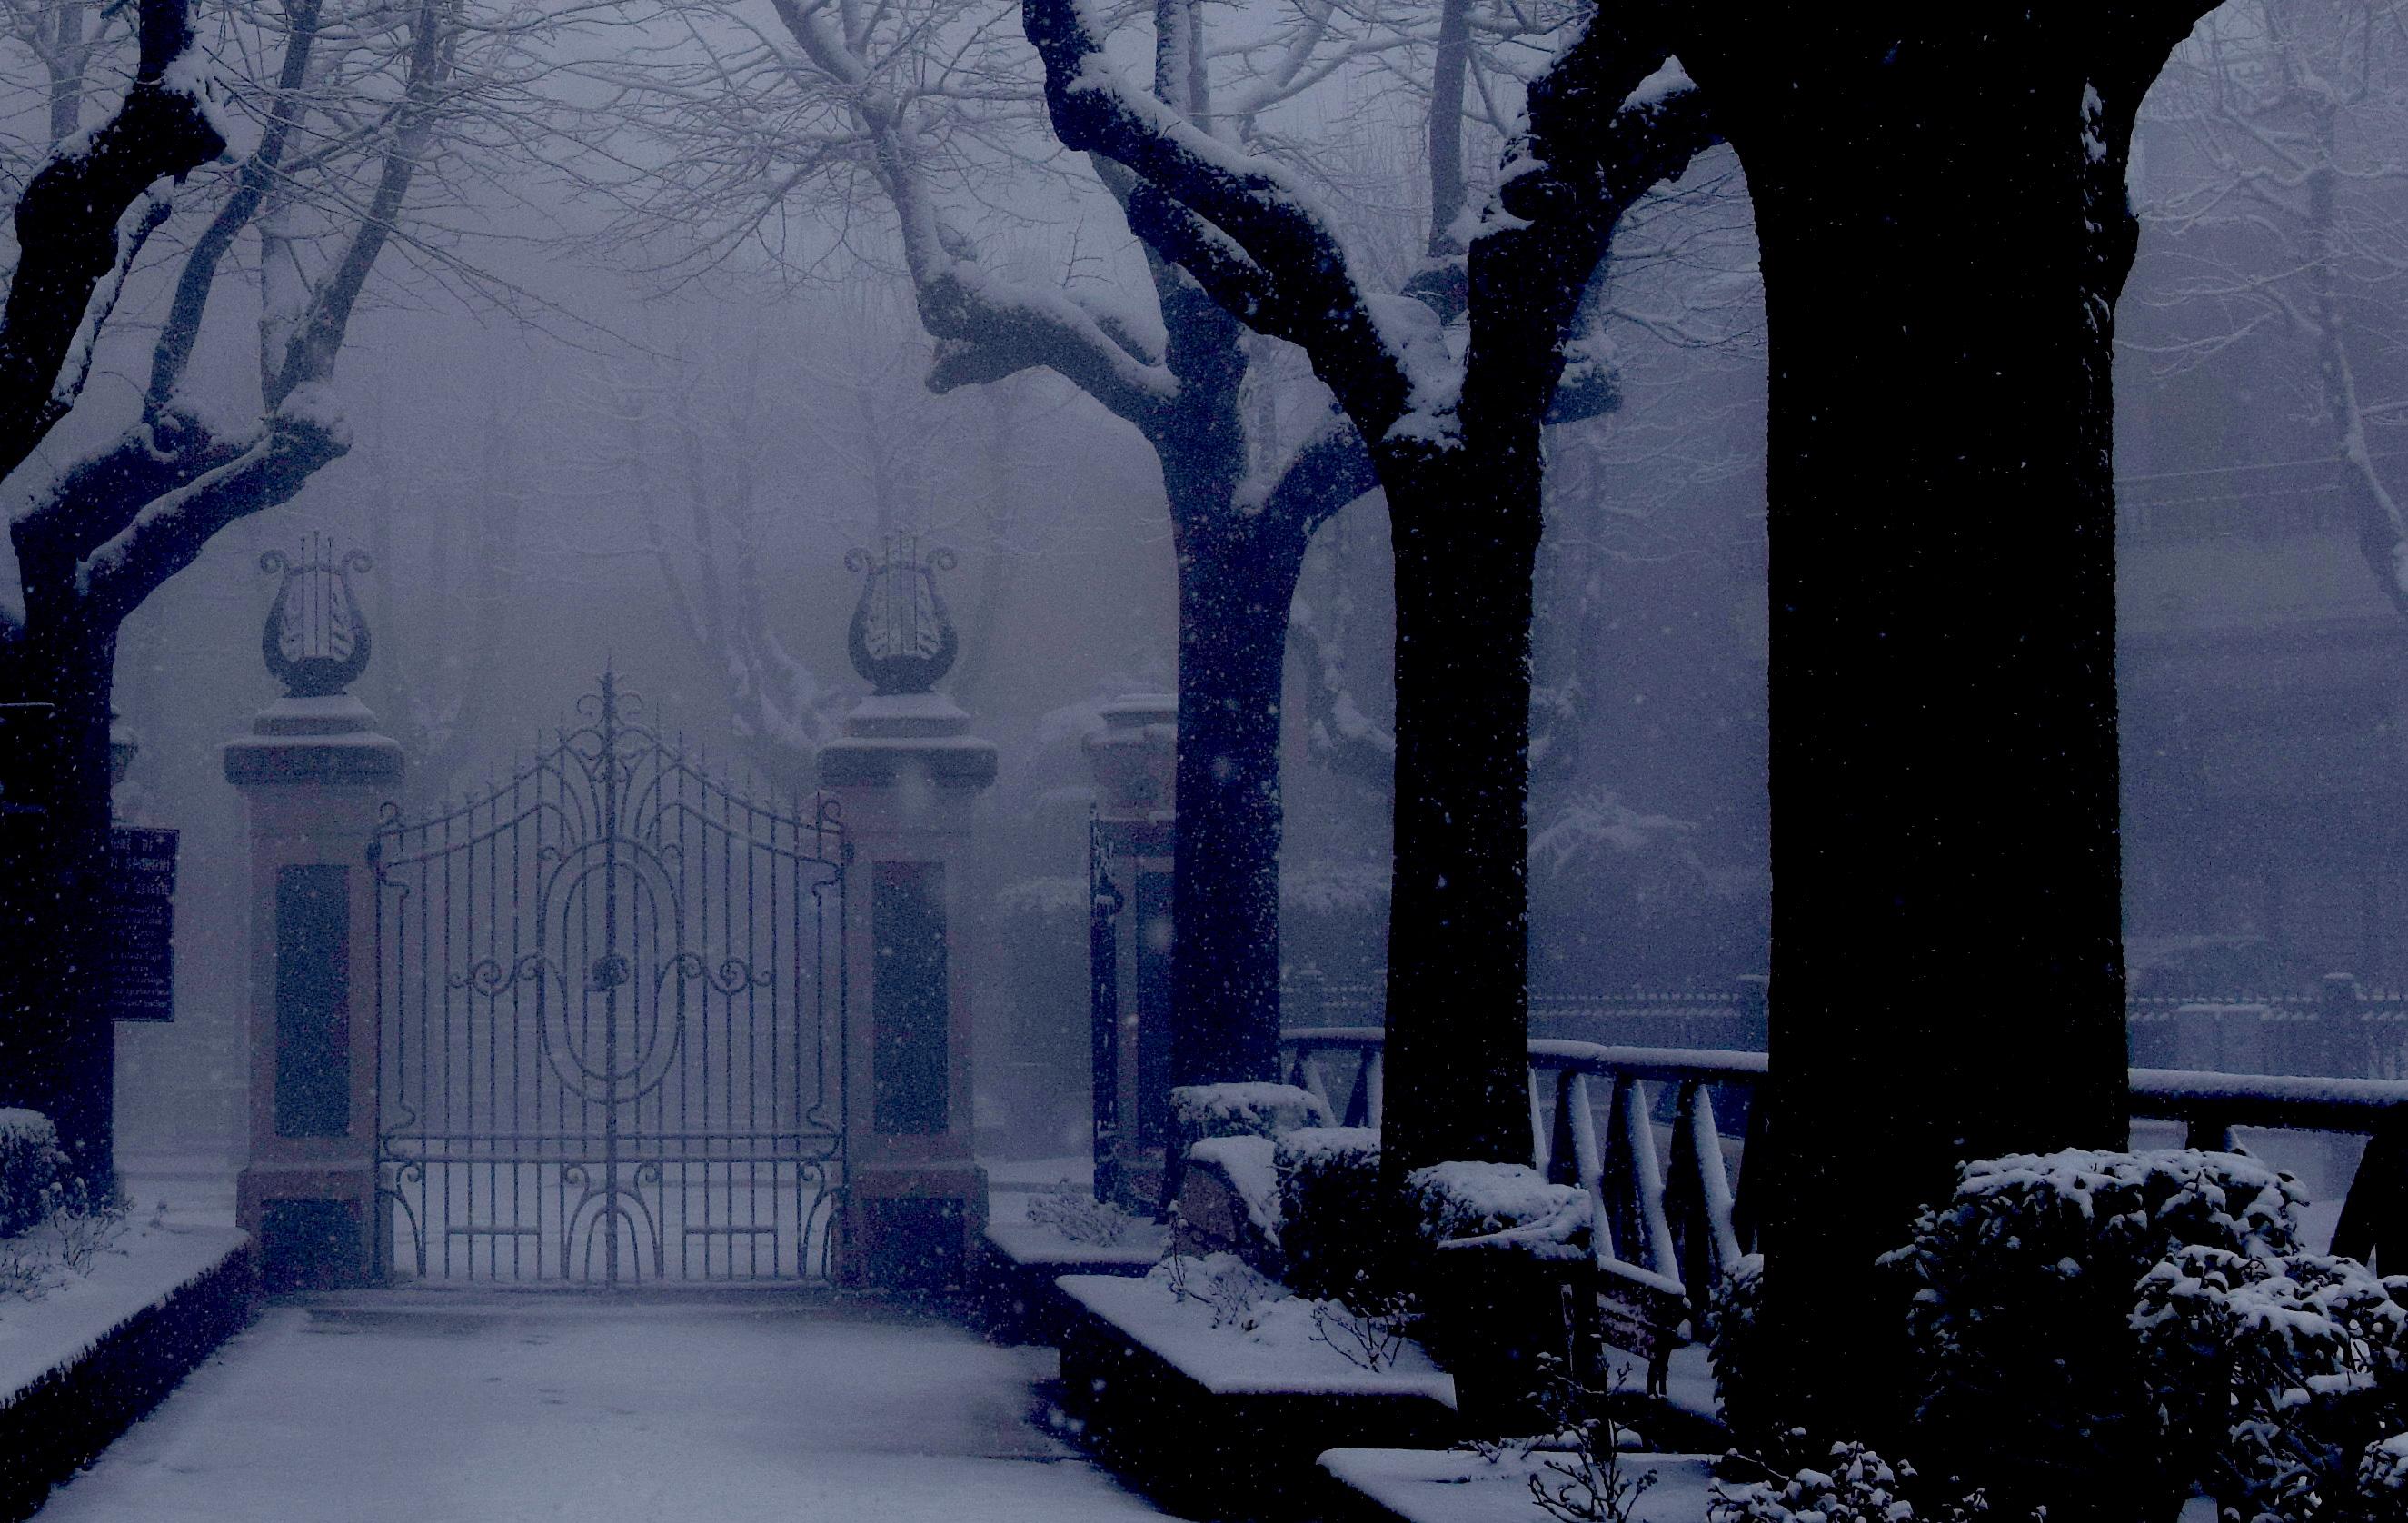 Non aprite quel cancello! di s_ornella